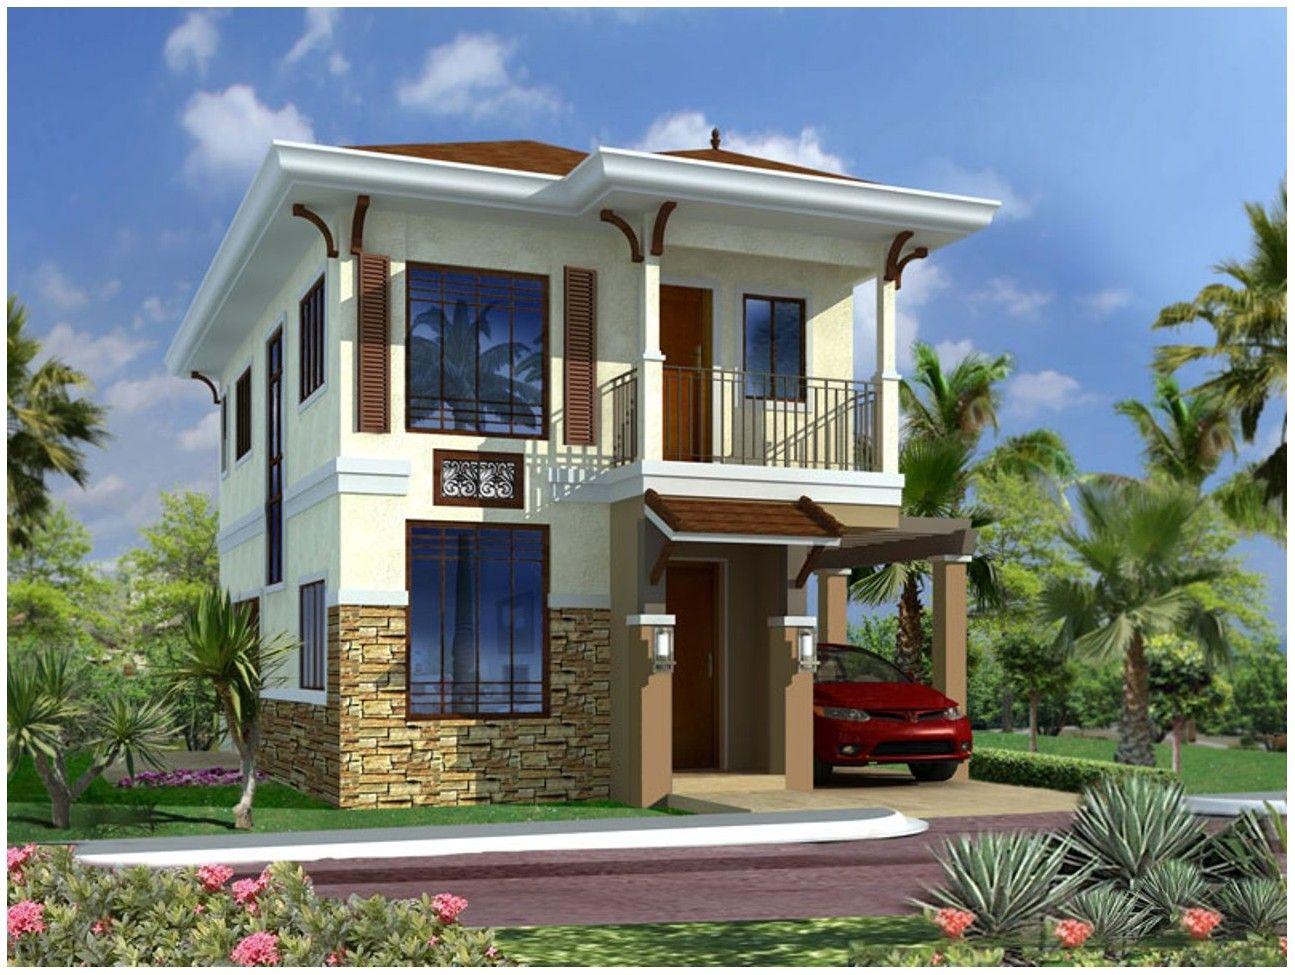 Casas de 2 pisos archivos fachadas de casas minimalistas for Fotos fachadas de casas sencillas y bonitas